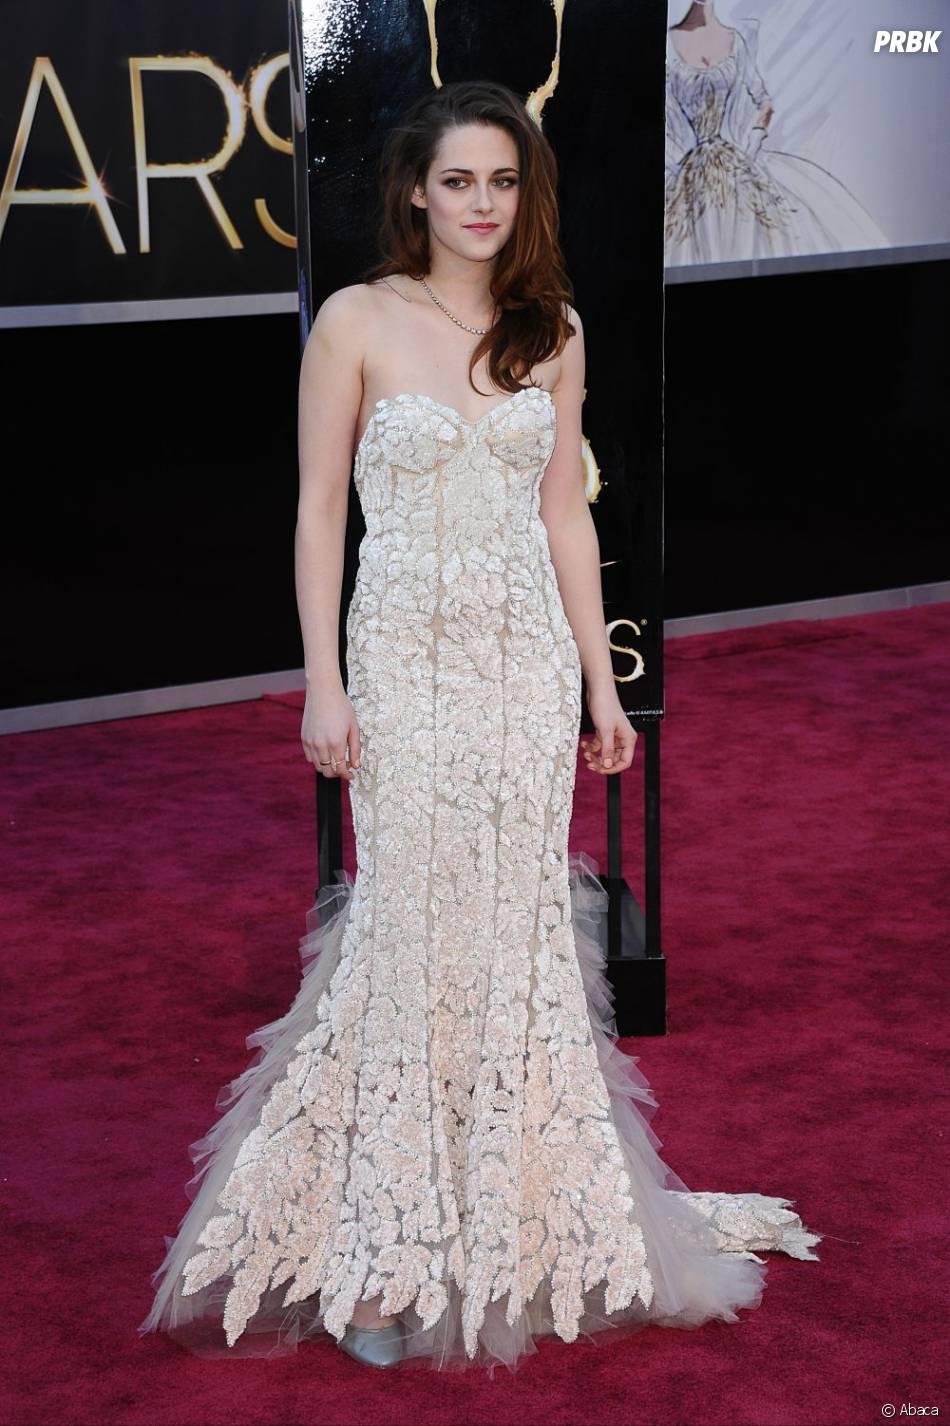 Et un faux-pas de plus pour Kristen Stewart, habillée en Reem Acra !